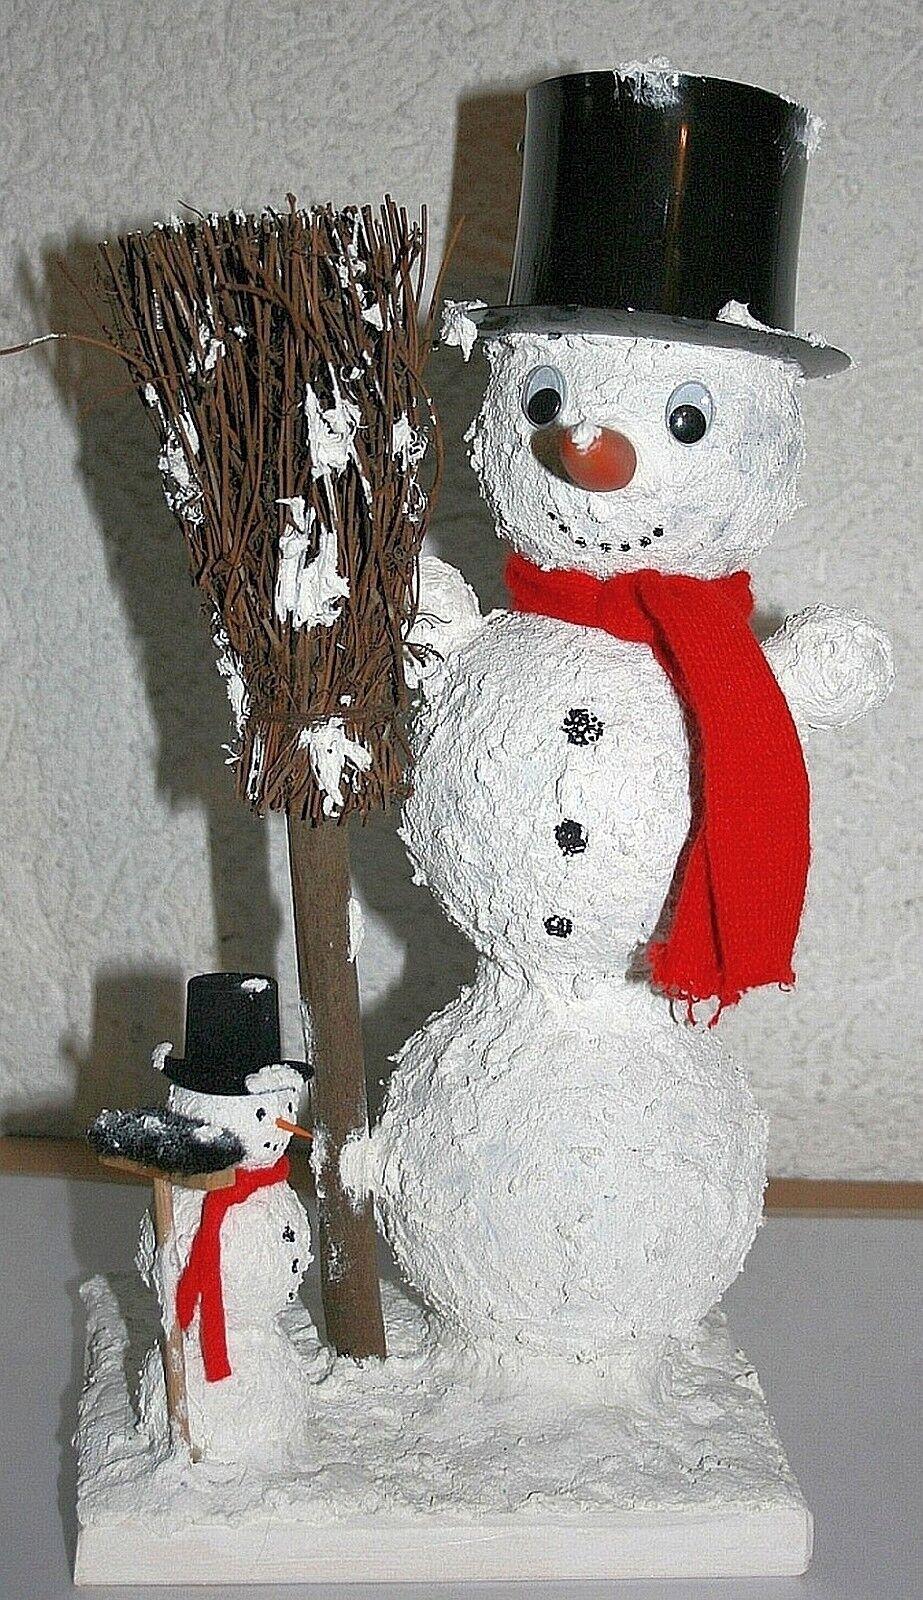 Weihnachtsdeko Schneemann Paar 34+11,5 cm Acrylkugeln Zylinder Besen Holzbrett